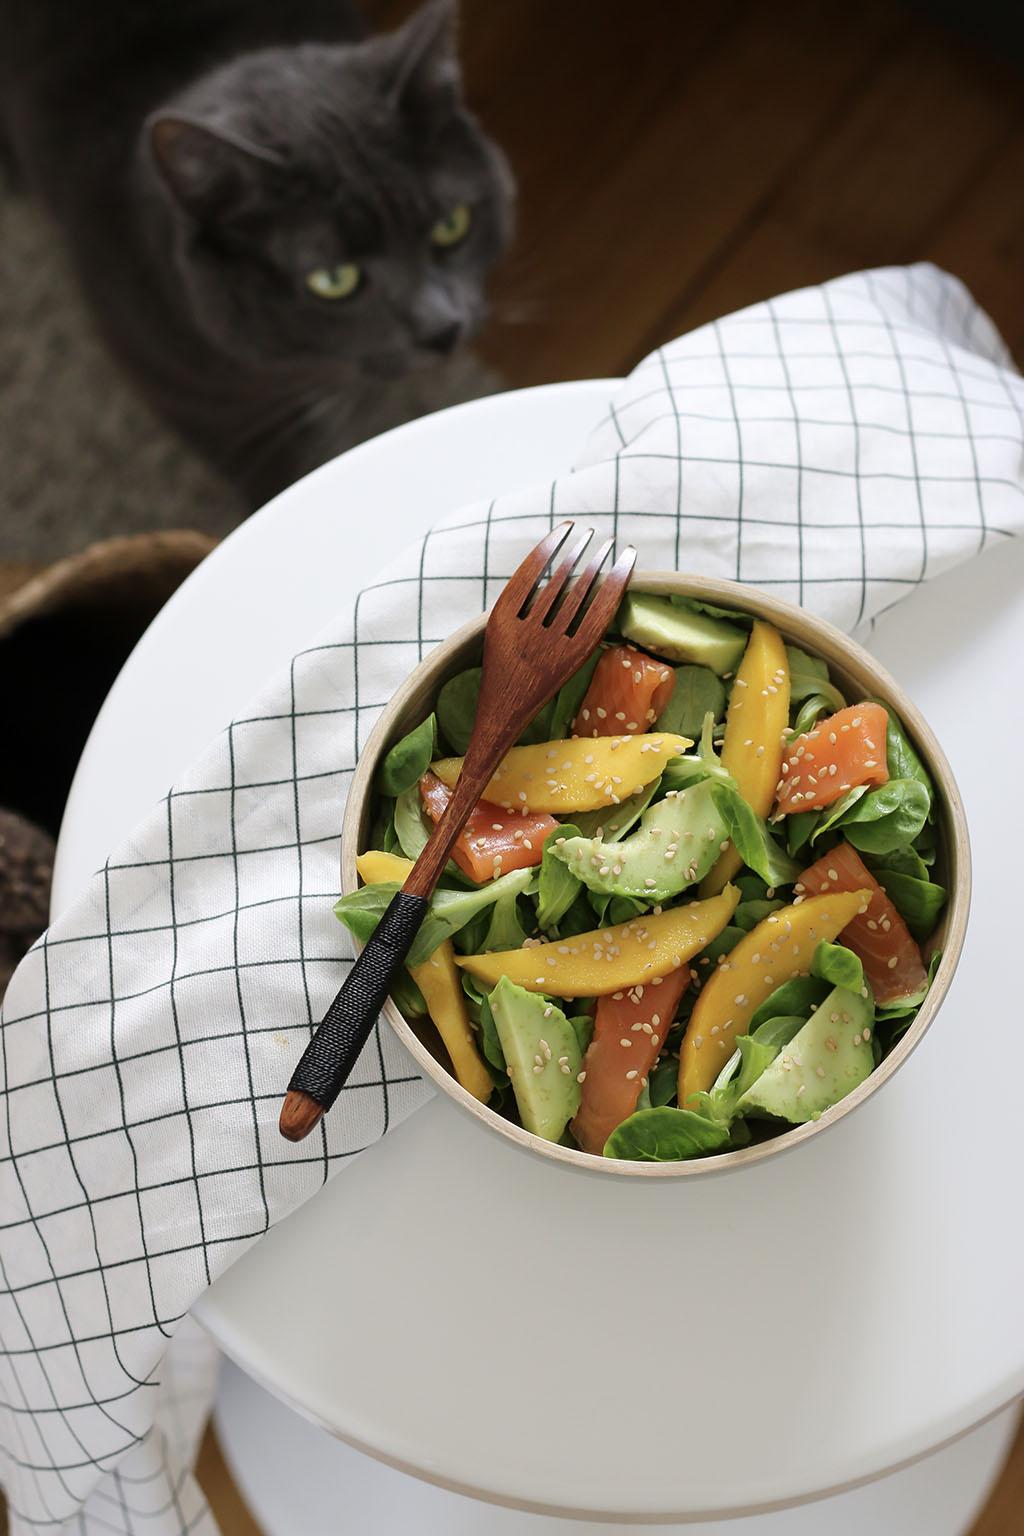 salade composées inspiration recettes été lepetitmondedelodie